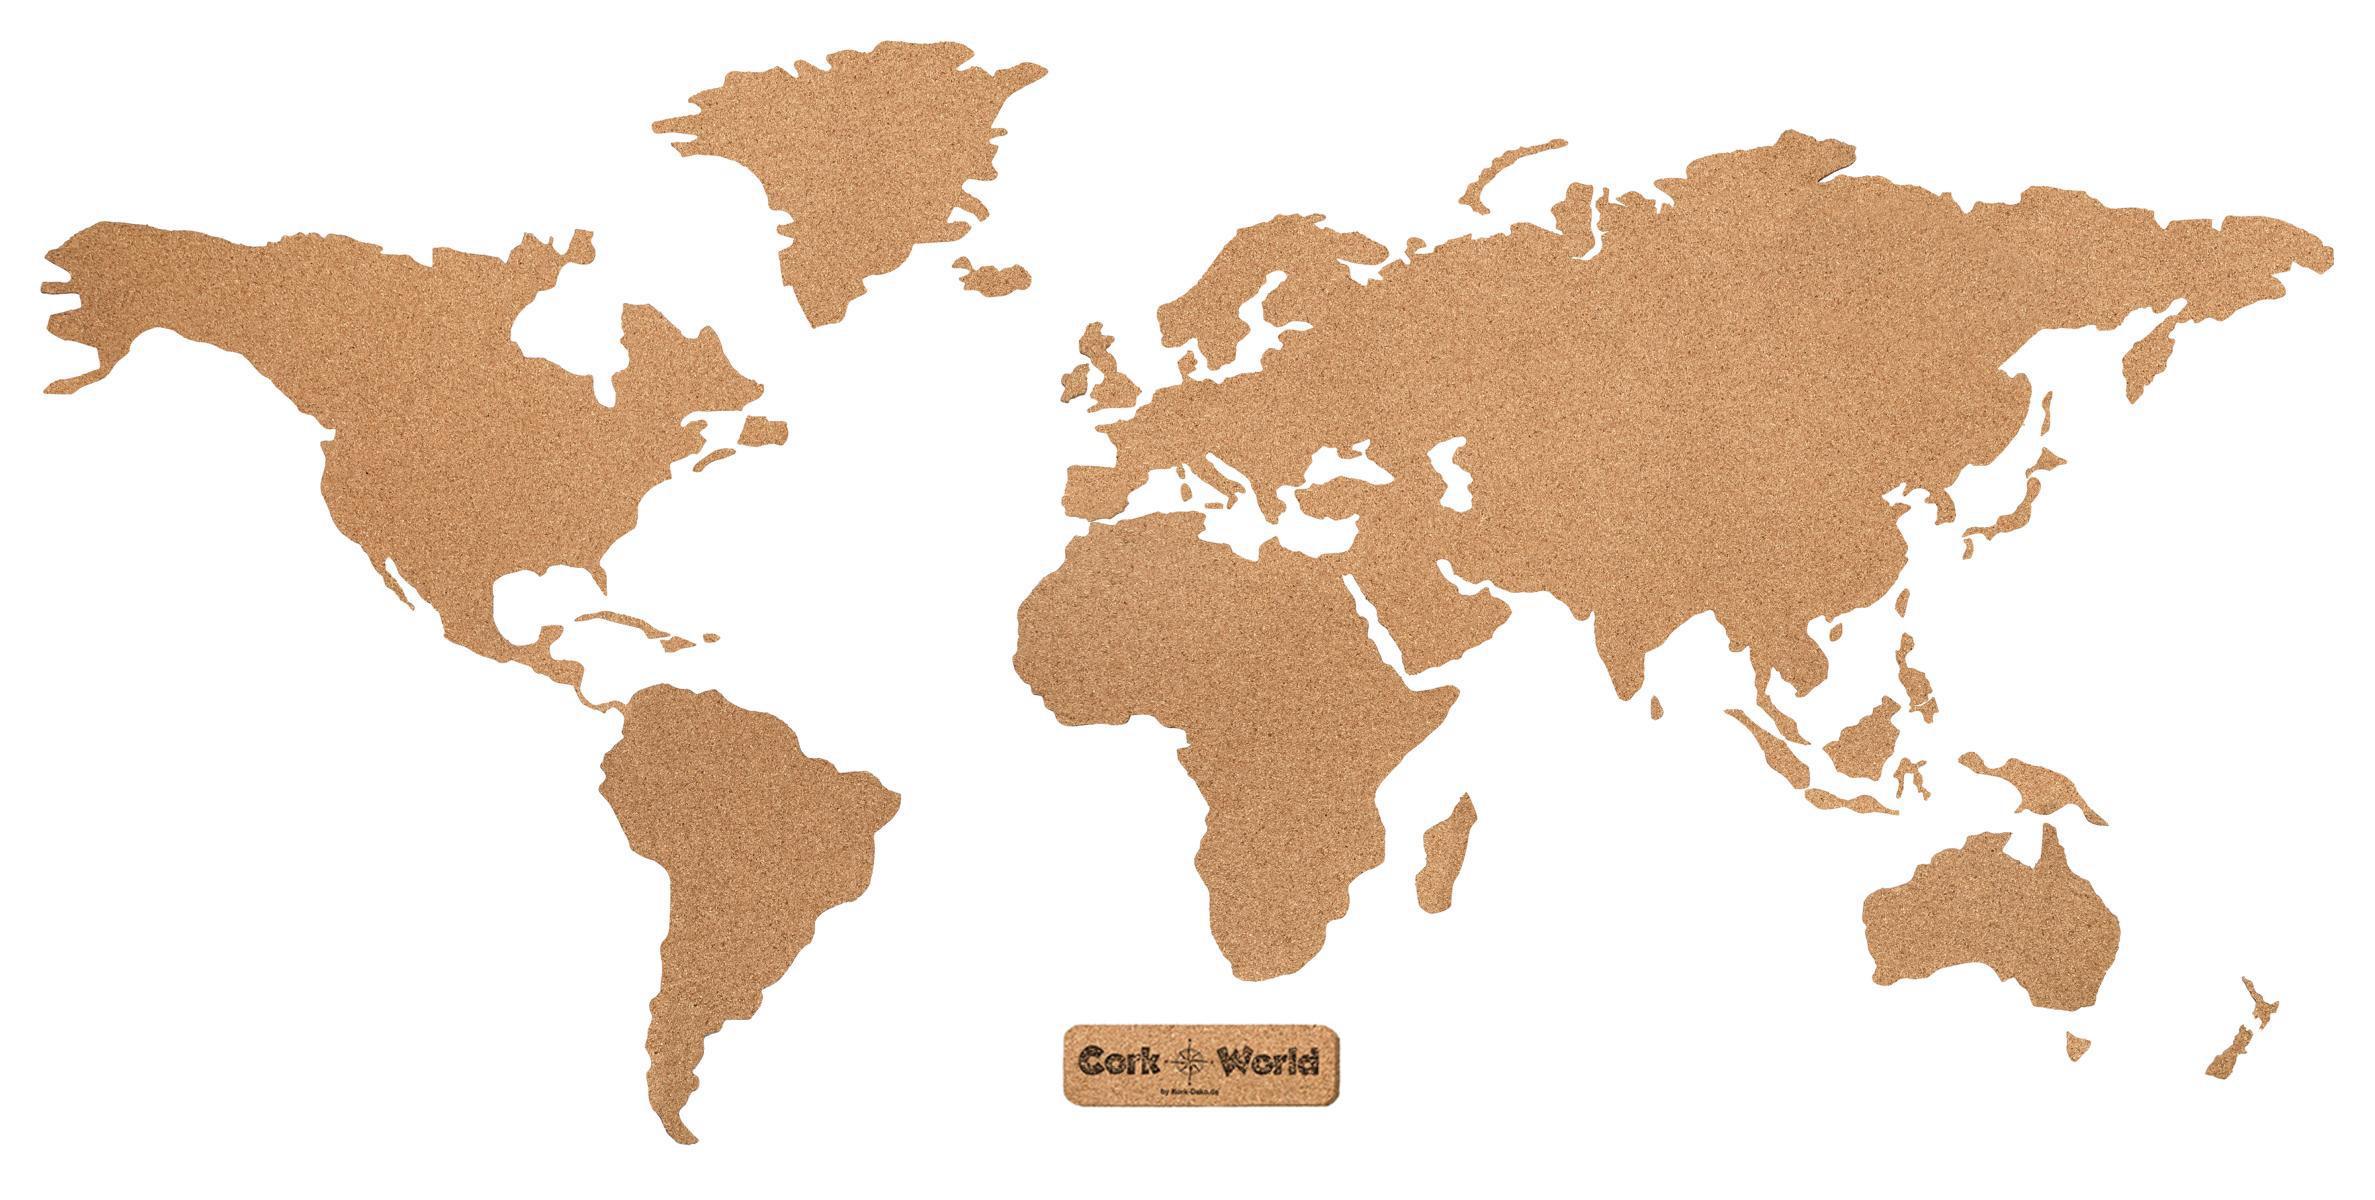 """Xxl-Weltkarte Aus Kork Als Pinnwand: """"Corkworld"""" (210X105 Cm) für Weltkarte Umrisse"""